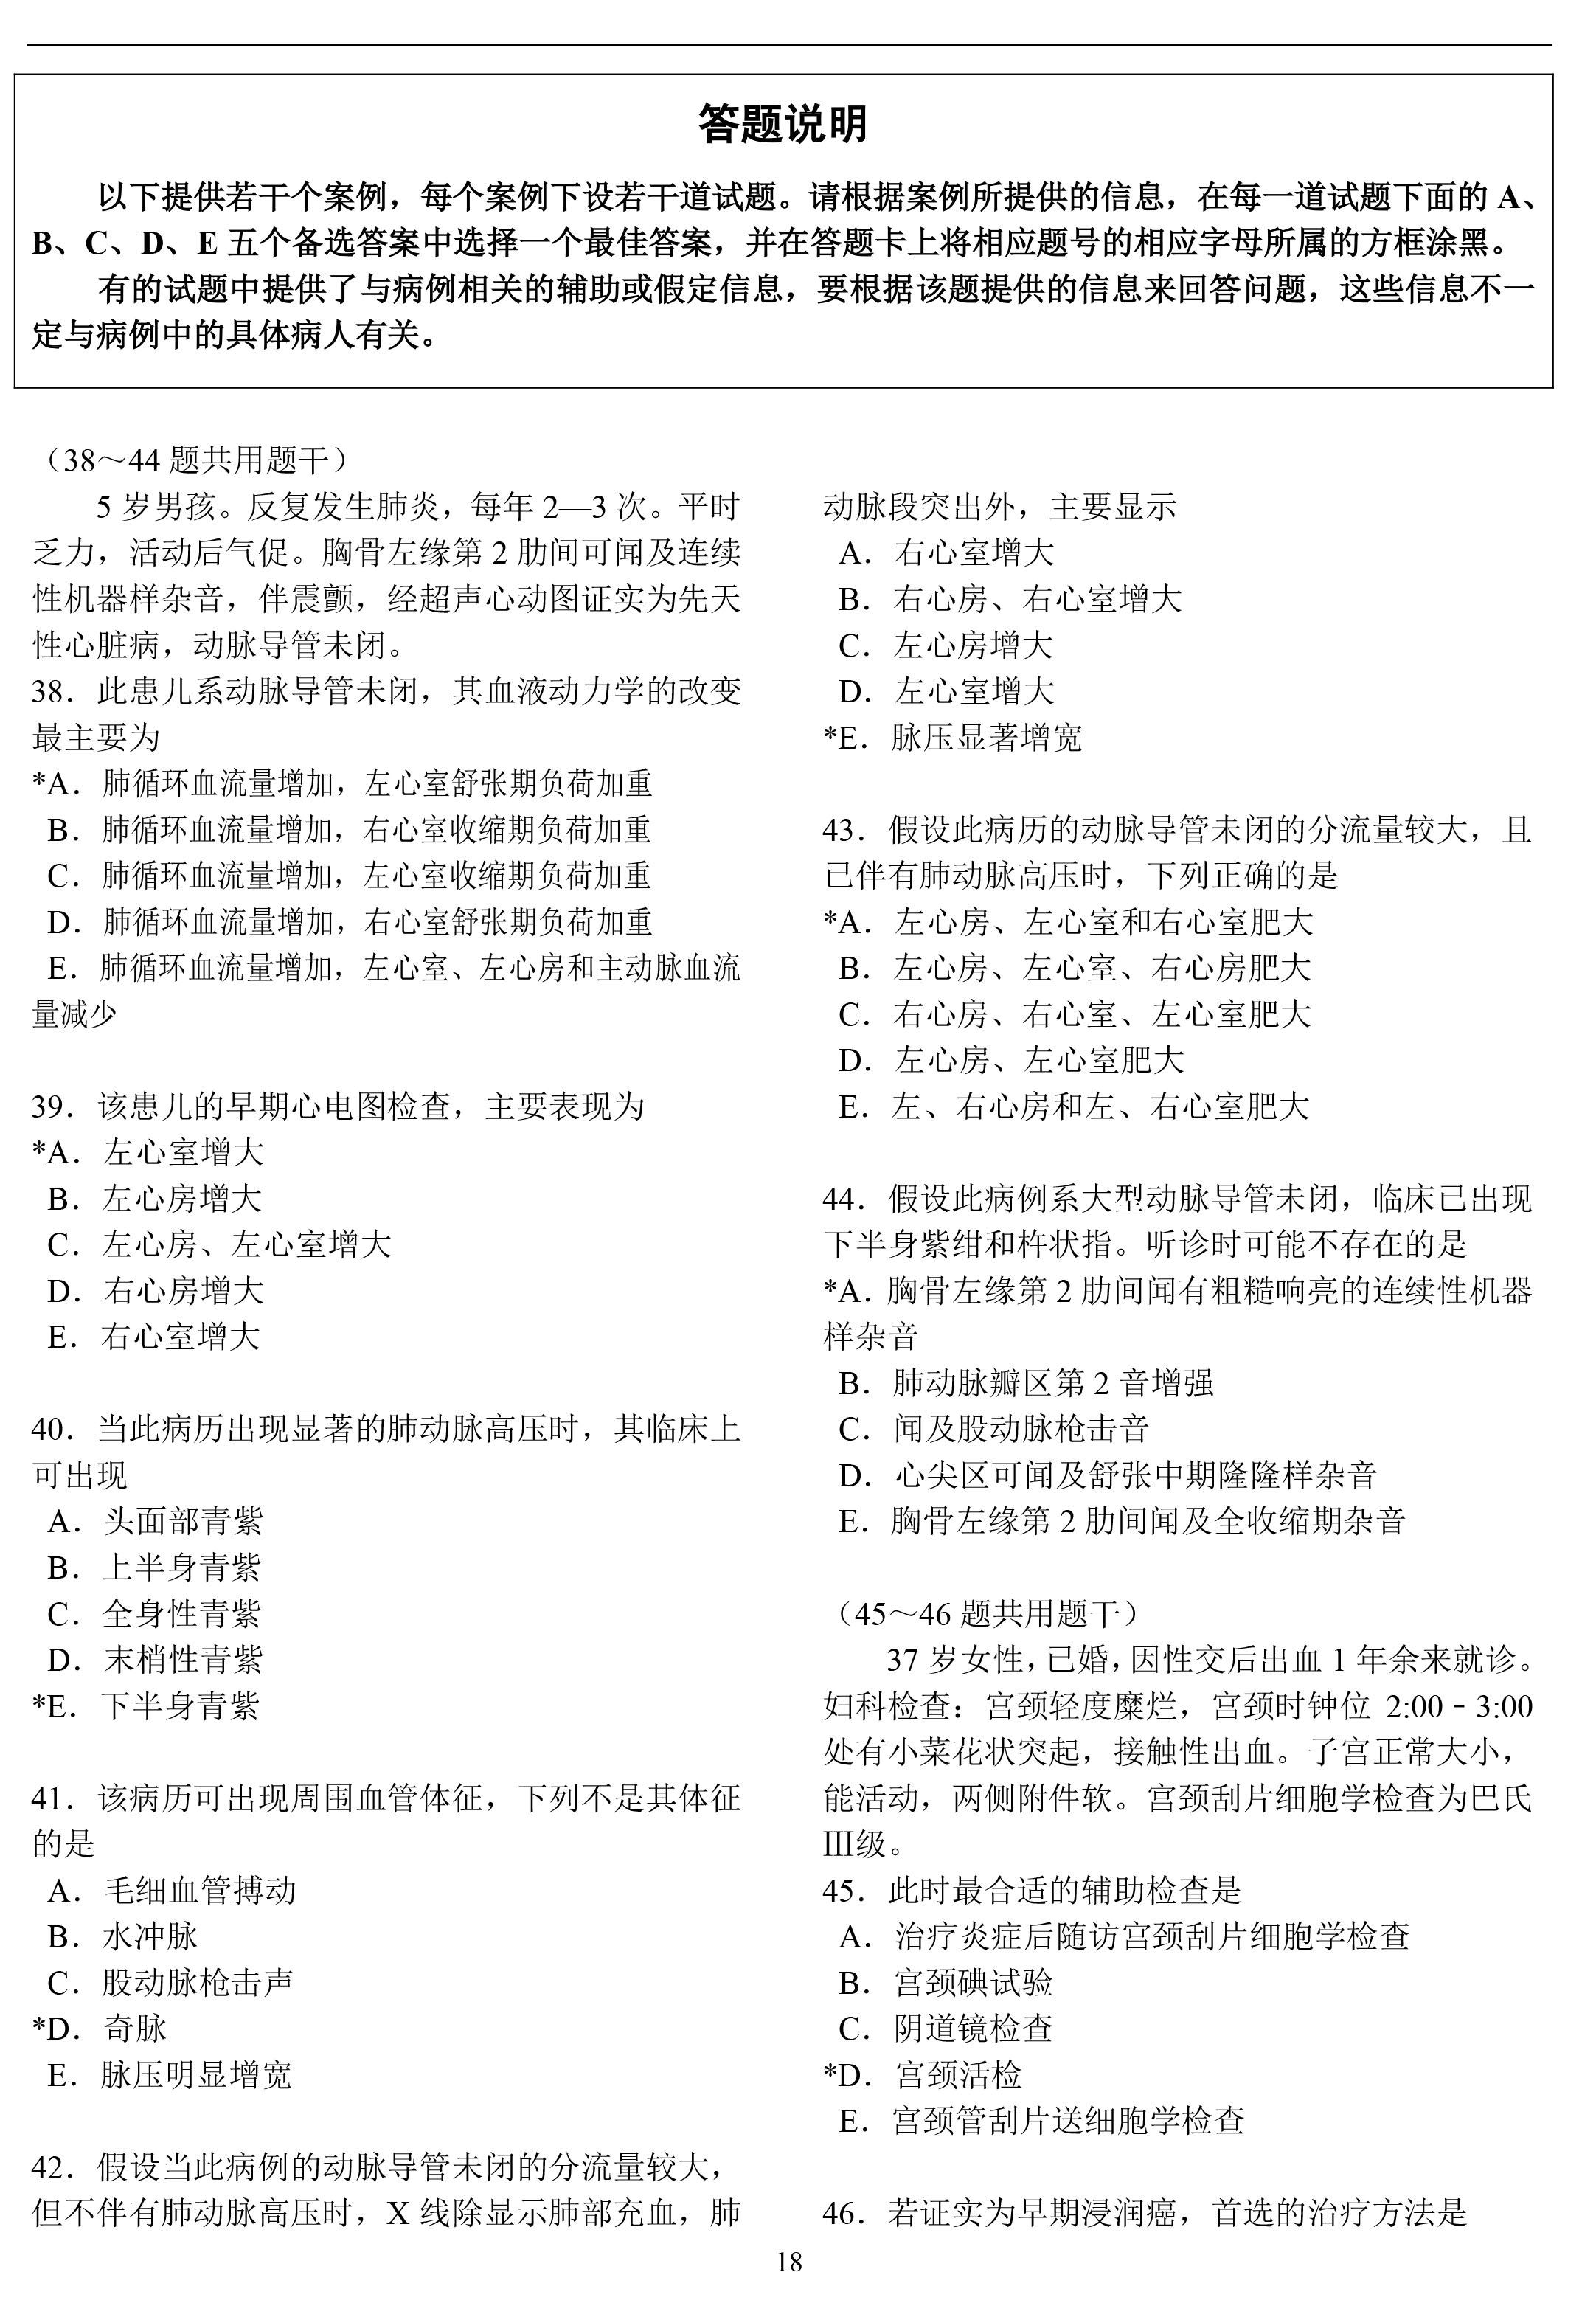 医师资格考试考生指导手册(2020)